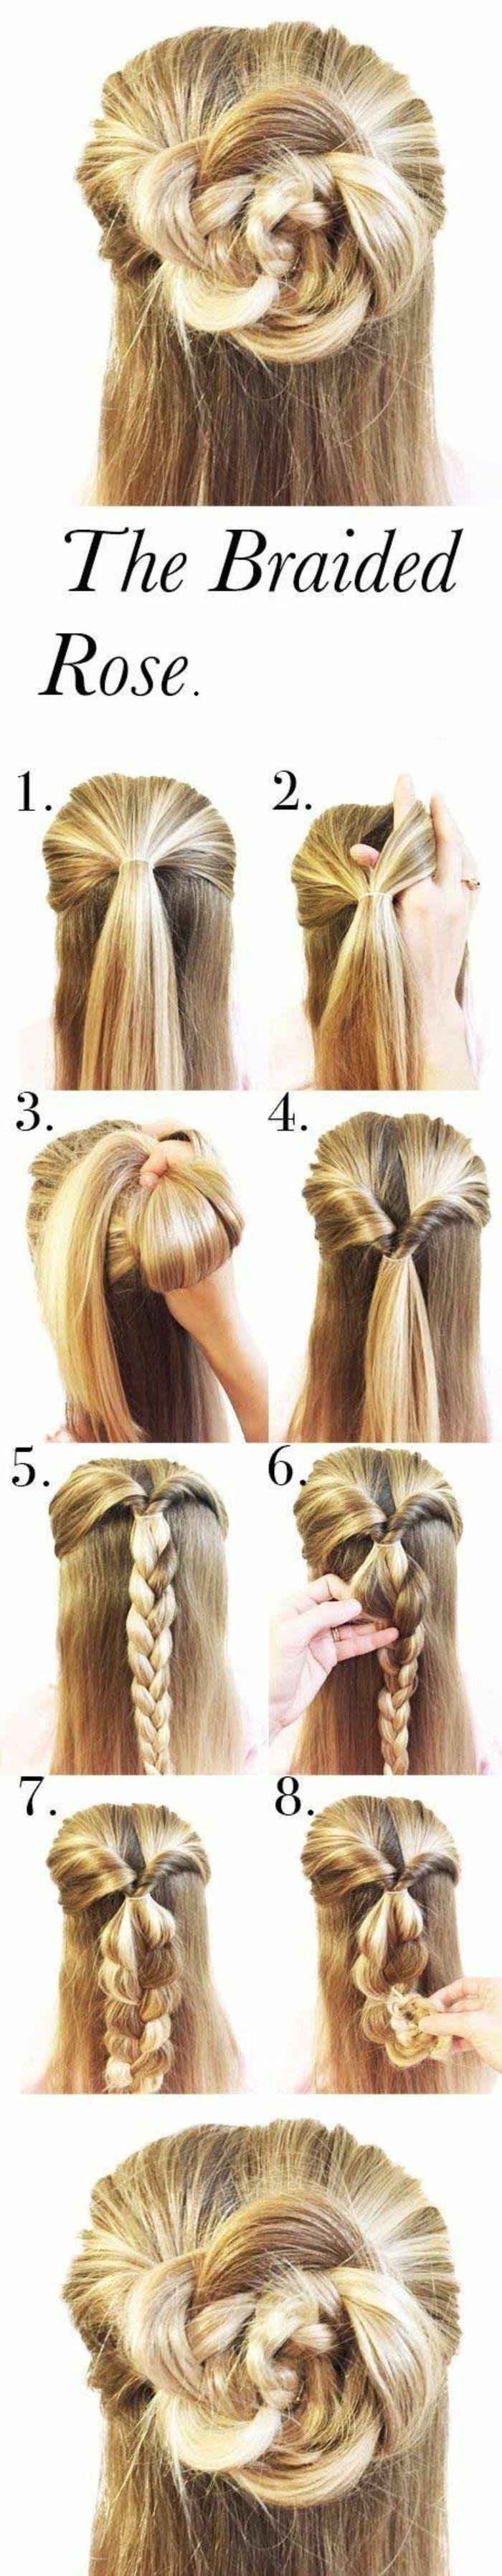 ▷ 1001 Ideen zum Thema Frisuren für besondere Anlässe + Anleitungen #hairstyleideas